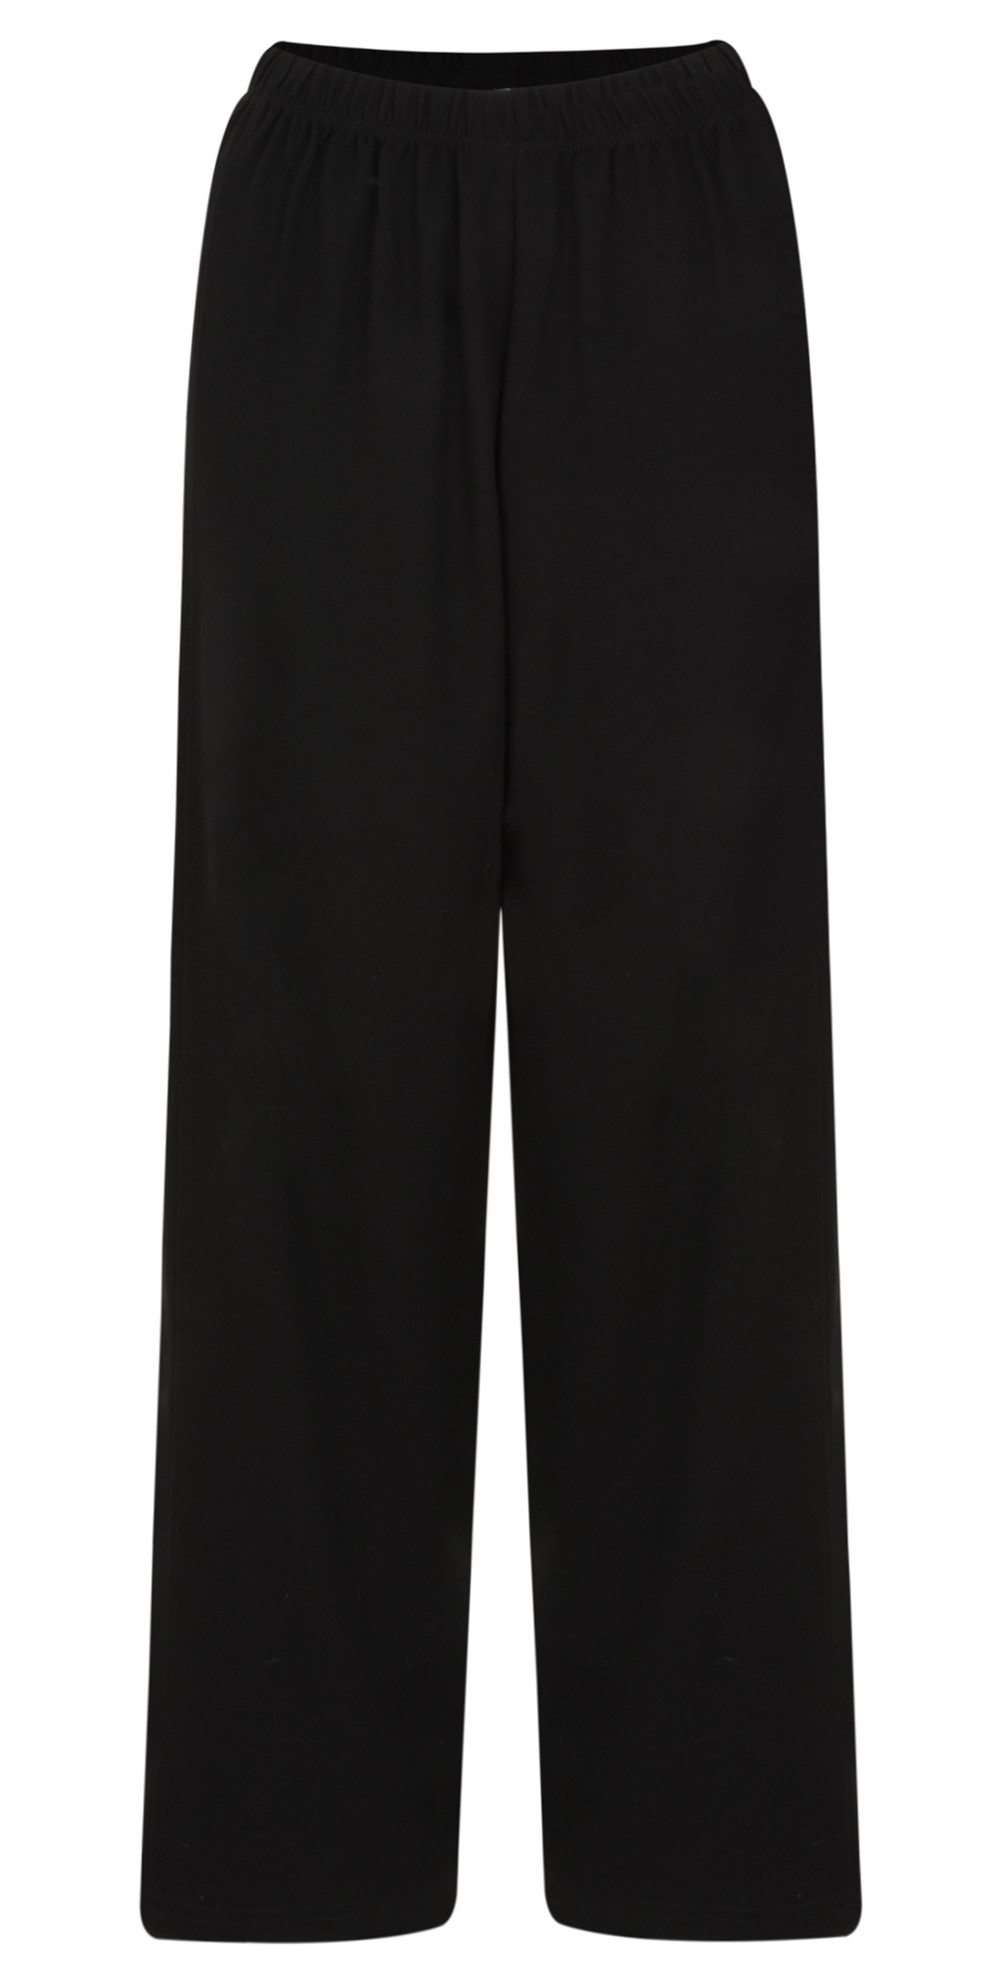 Persilla Culotte Trousers main image